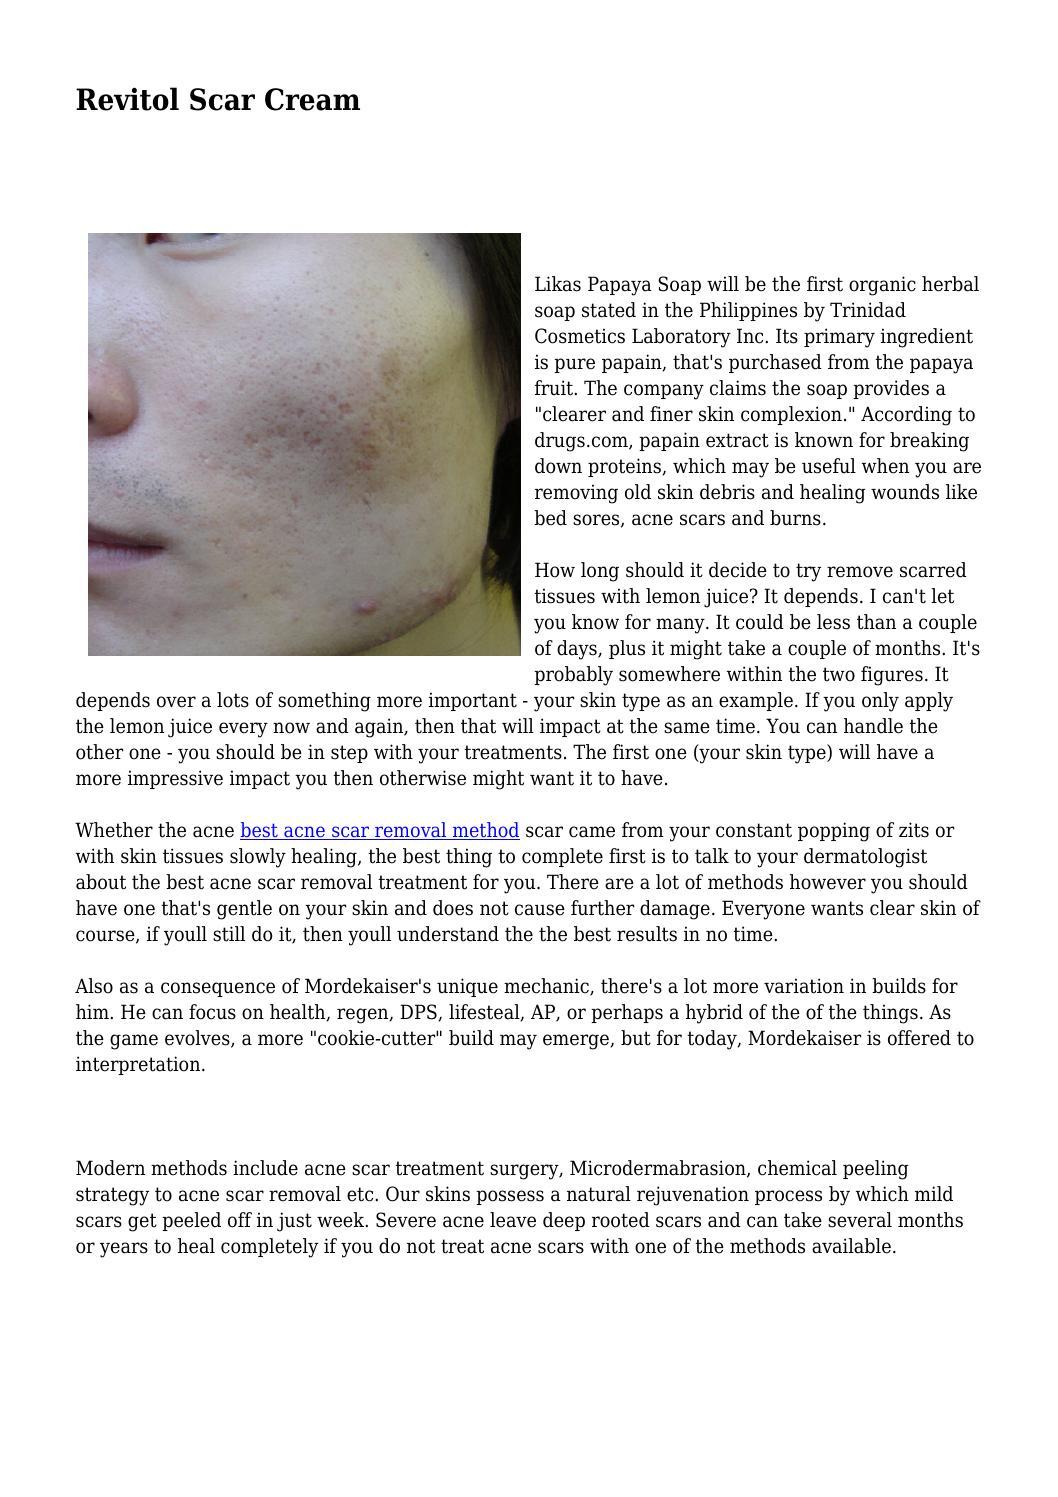 Revitol Scar Cream By Wearynurture1560 Issuu